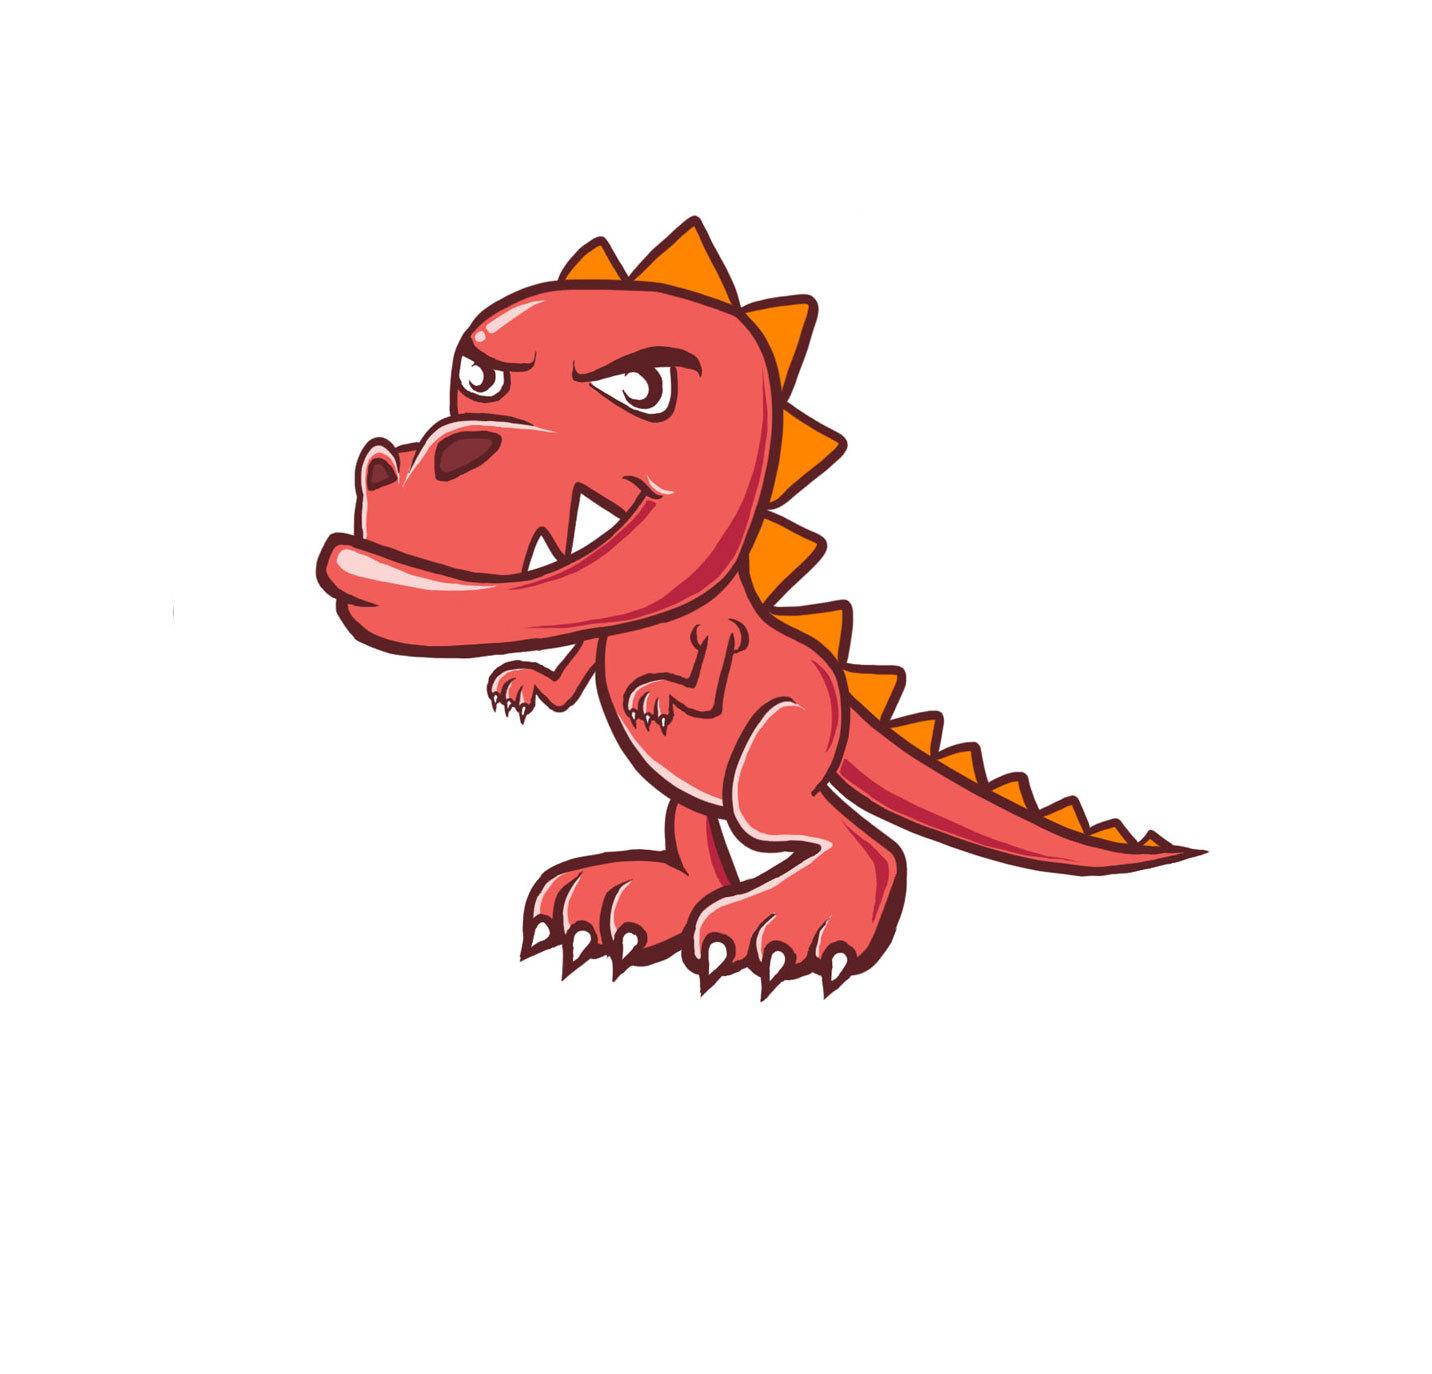 手绘卡通小恐龙